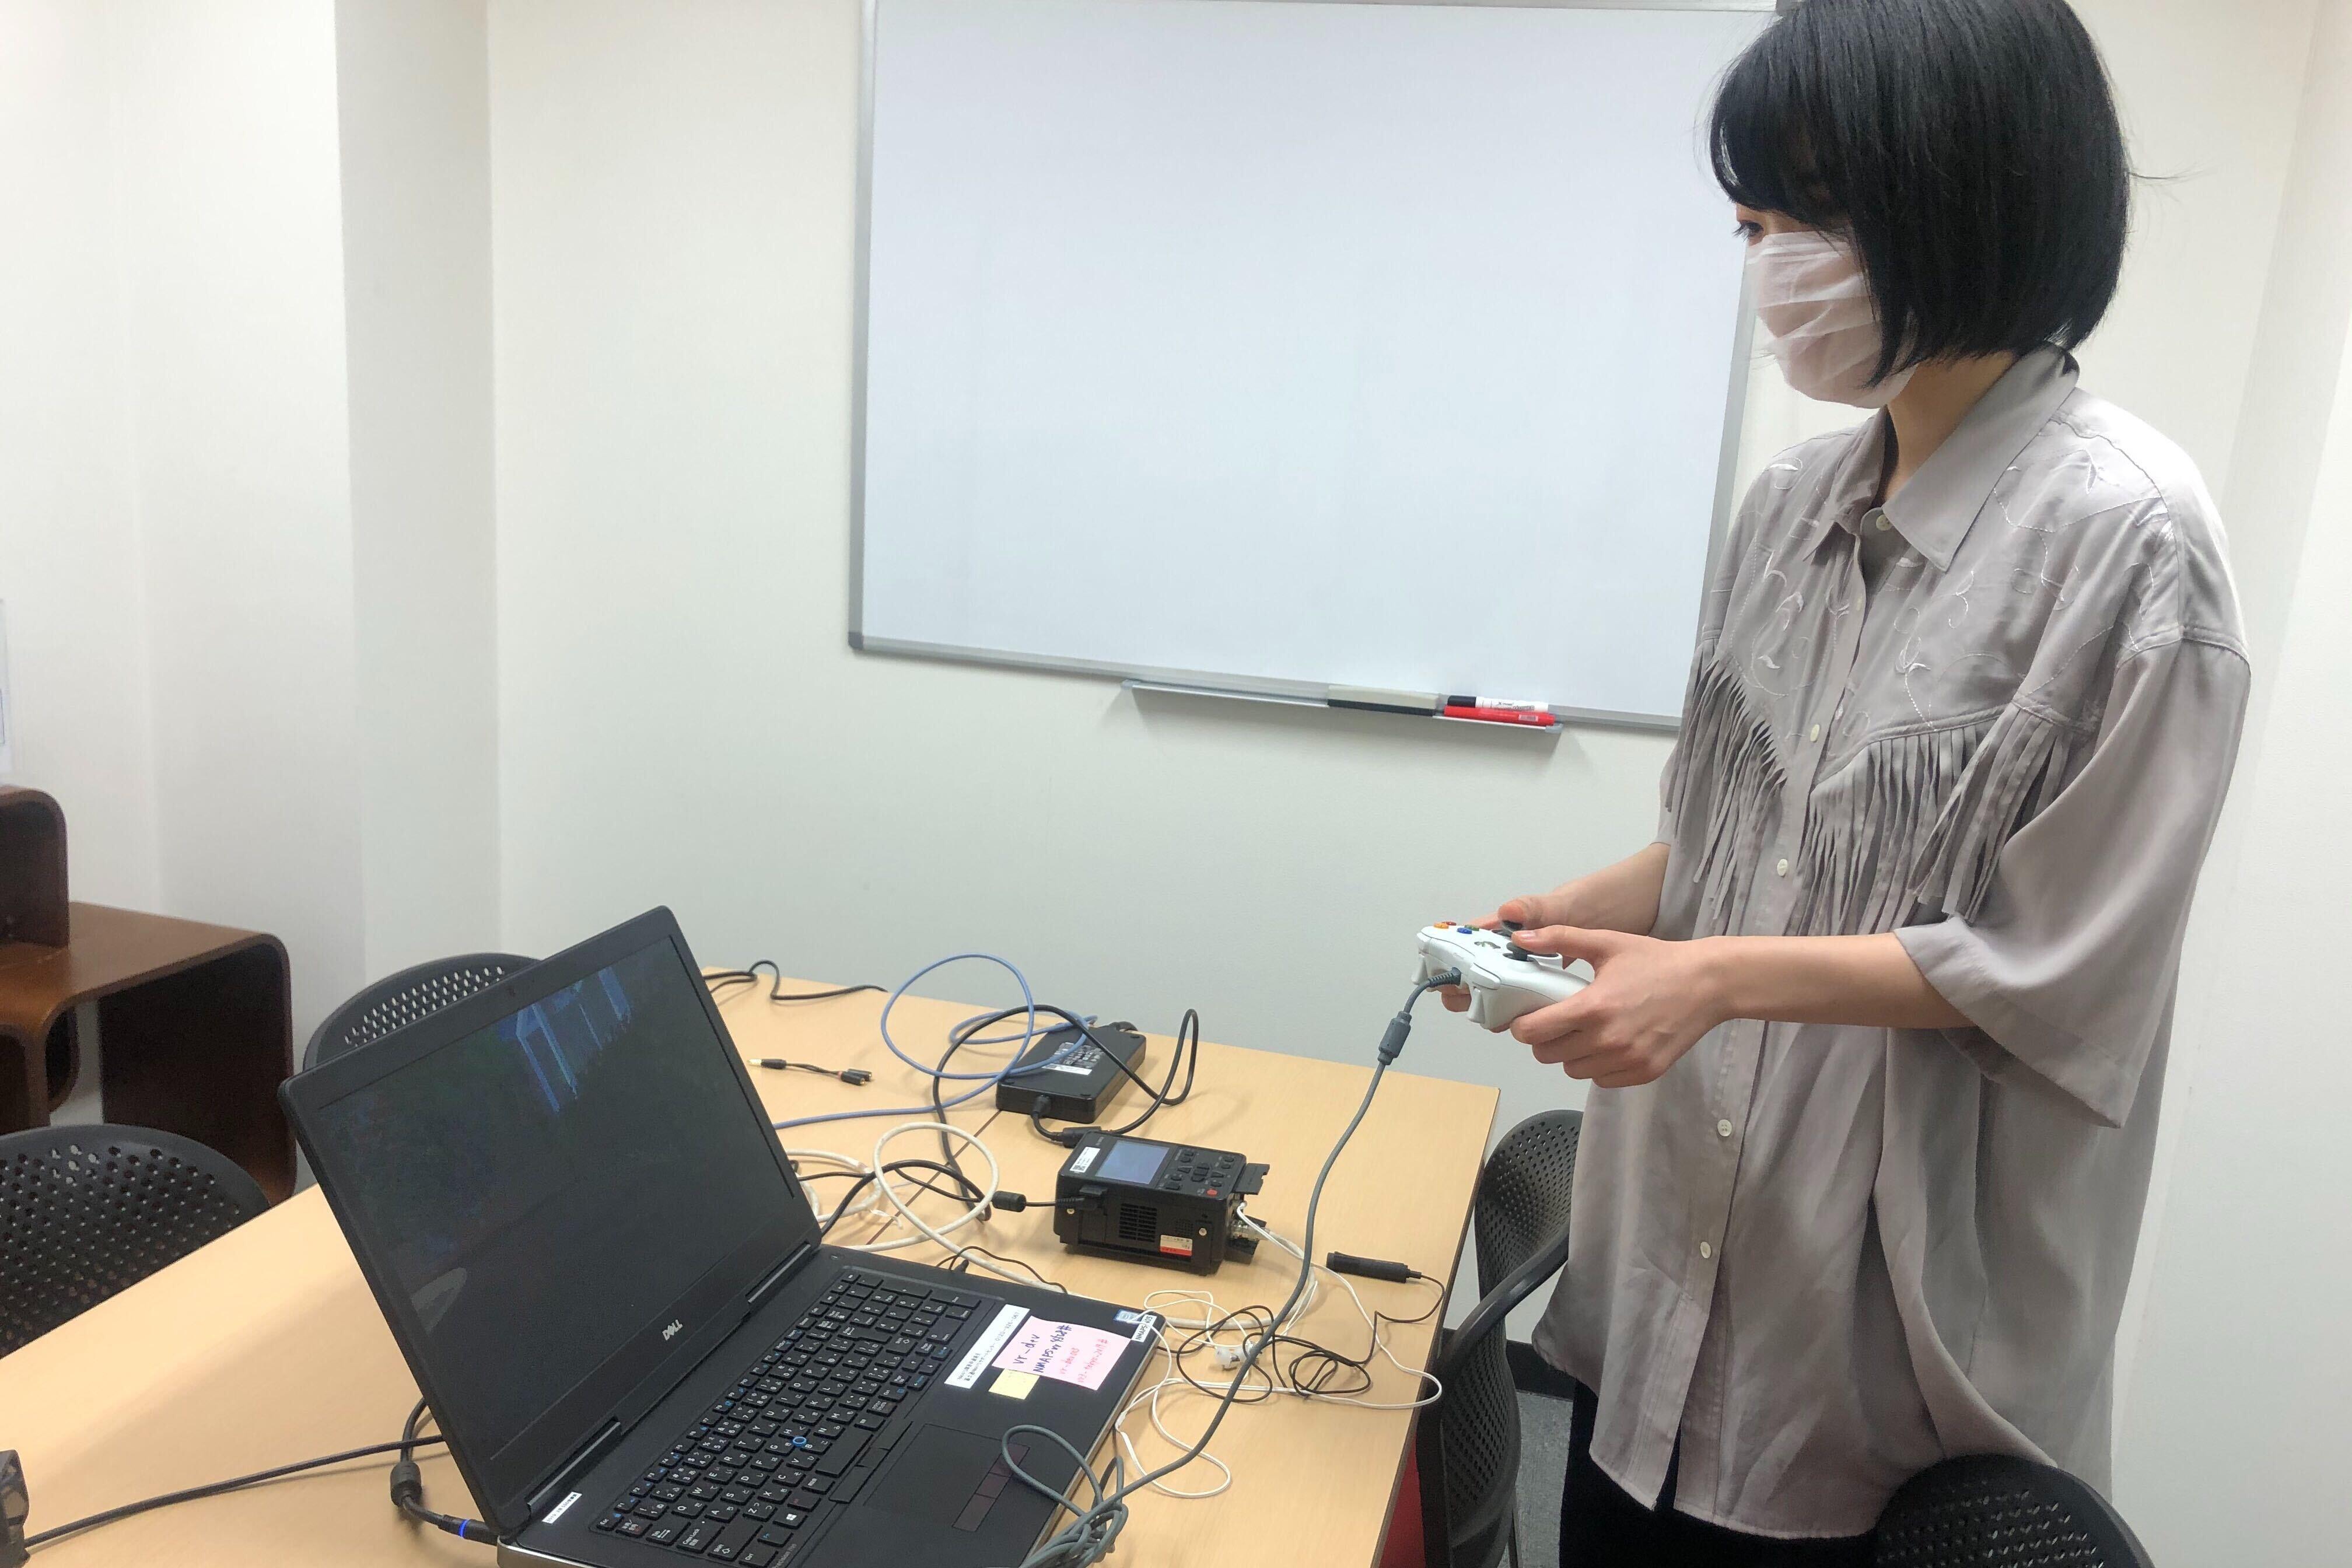 【5/29放送予定】社長VS新卒6年目女性社員 VRで本音トークする番組収録のオフショット